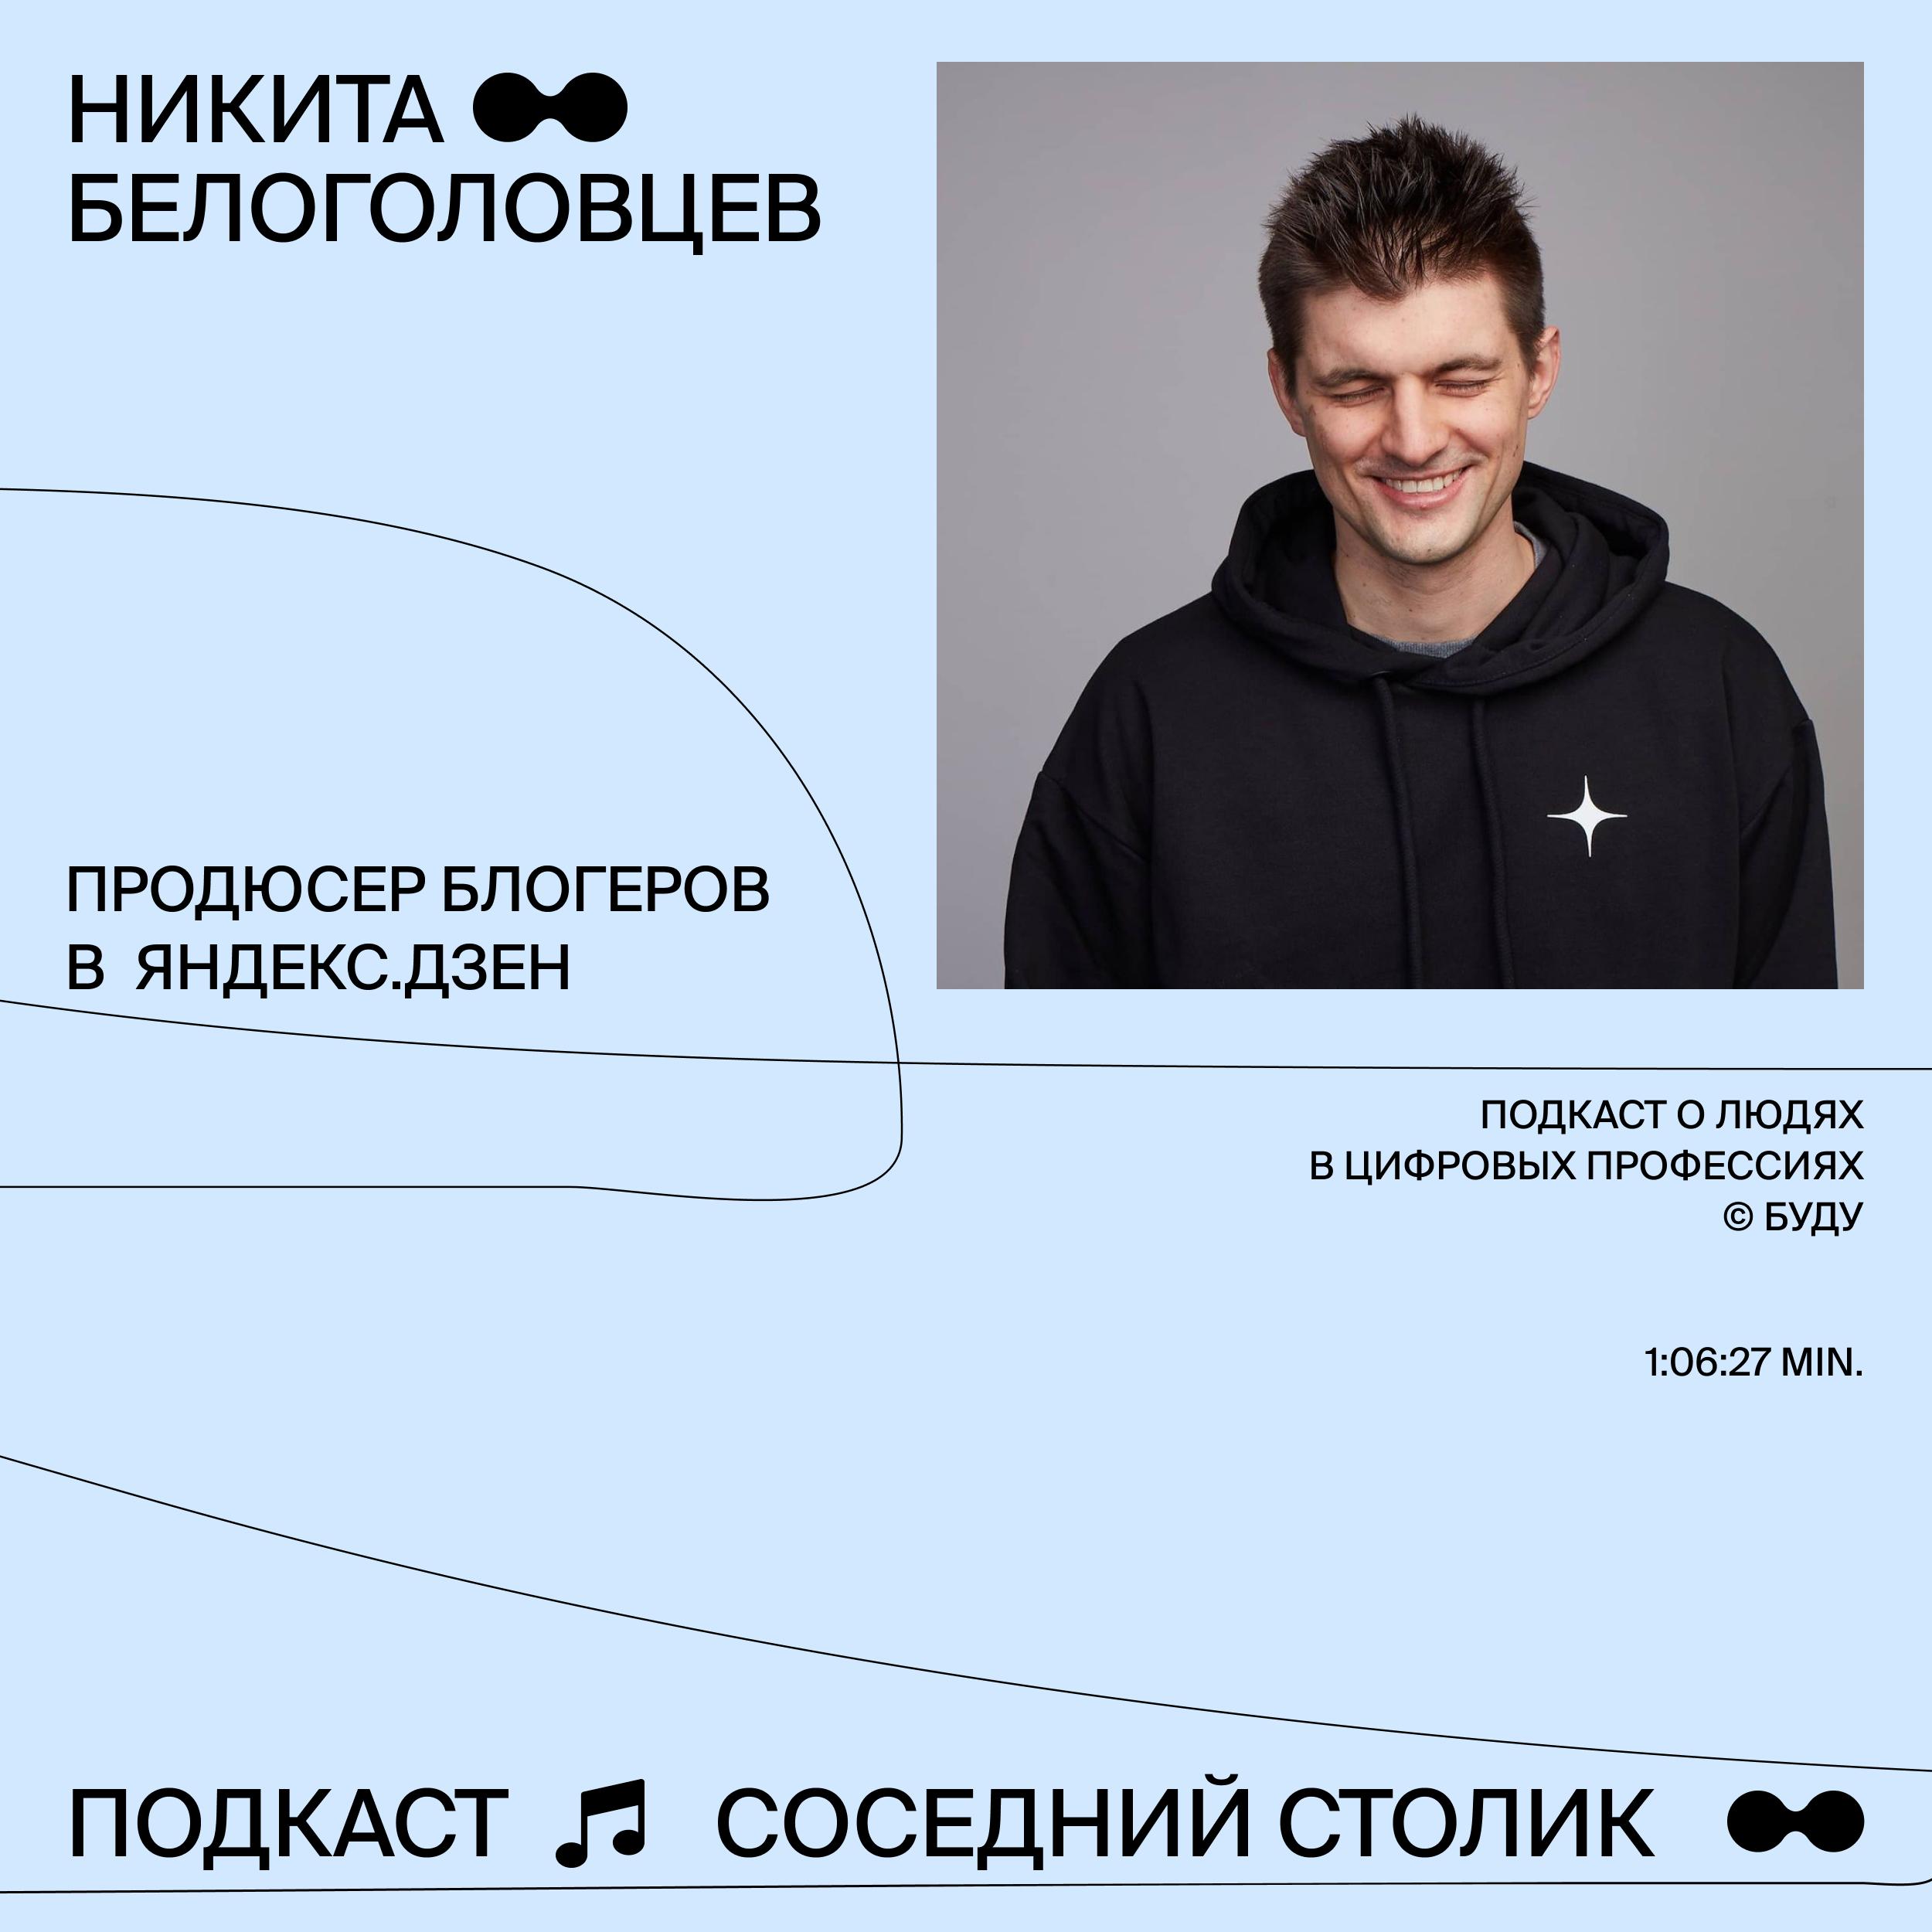 Никита Белоголовцев, Яндекс.Дзен: другой Дудь, отношения с отцом, Мел, работа с блогерами